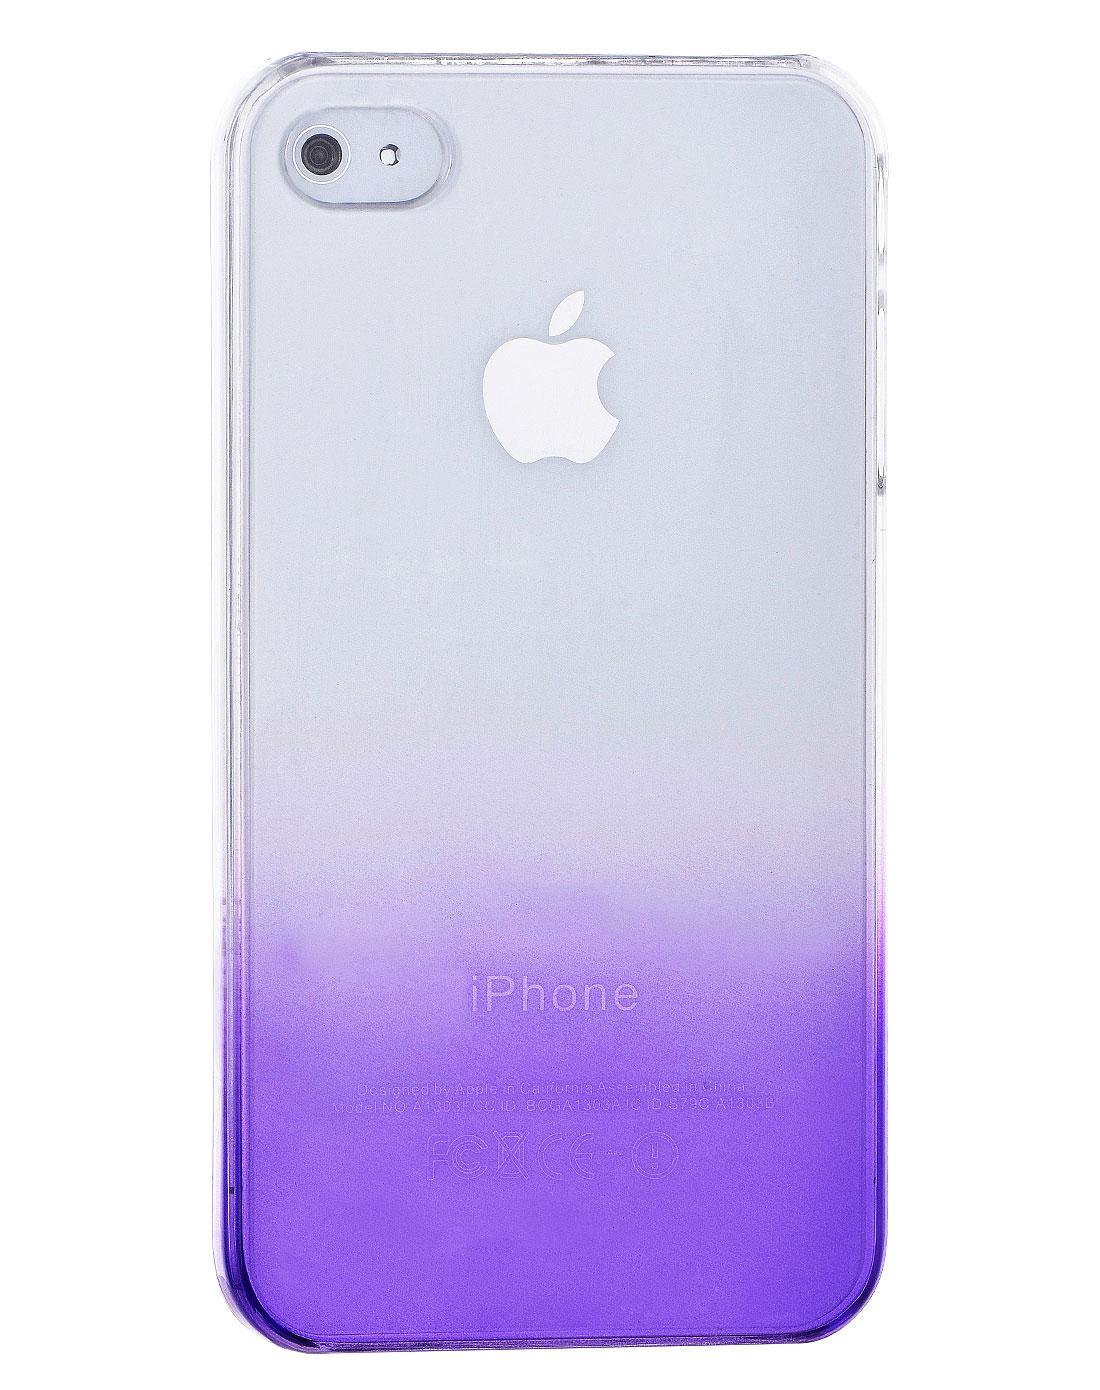 紫色漸變豎屏壁紙